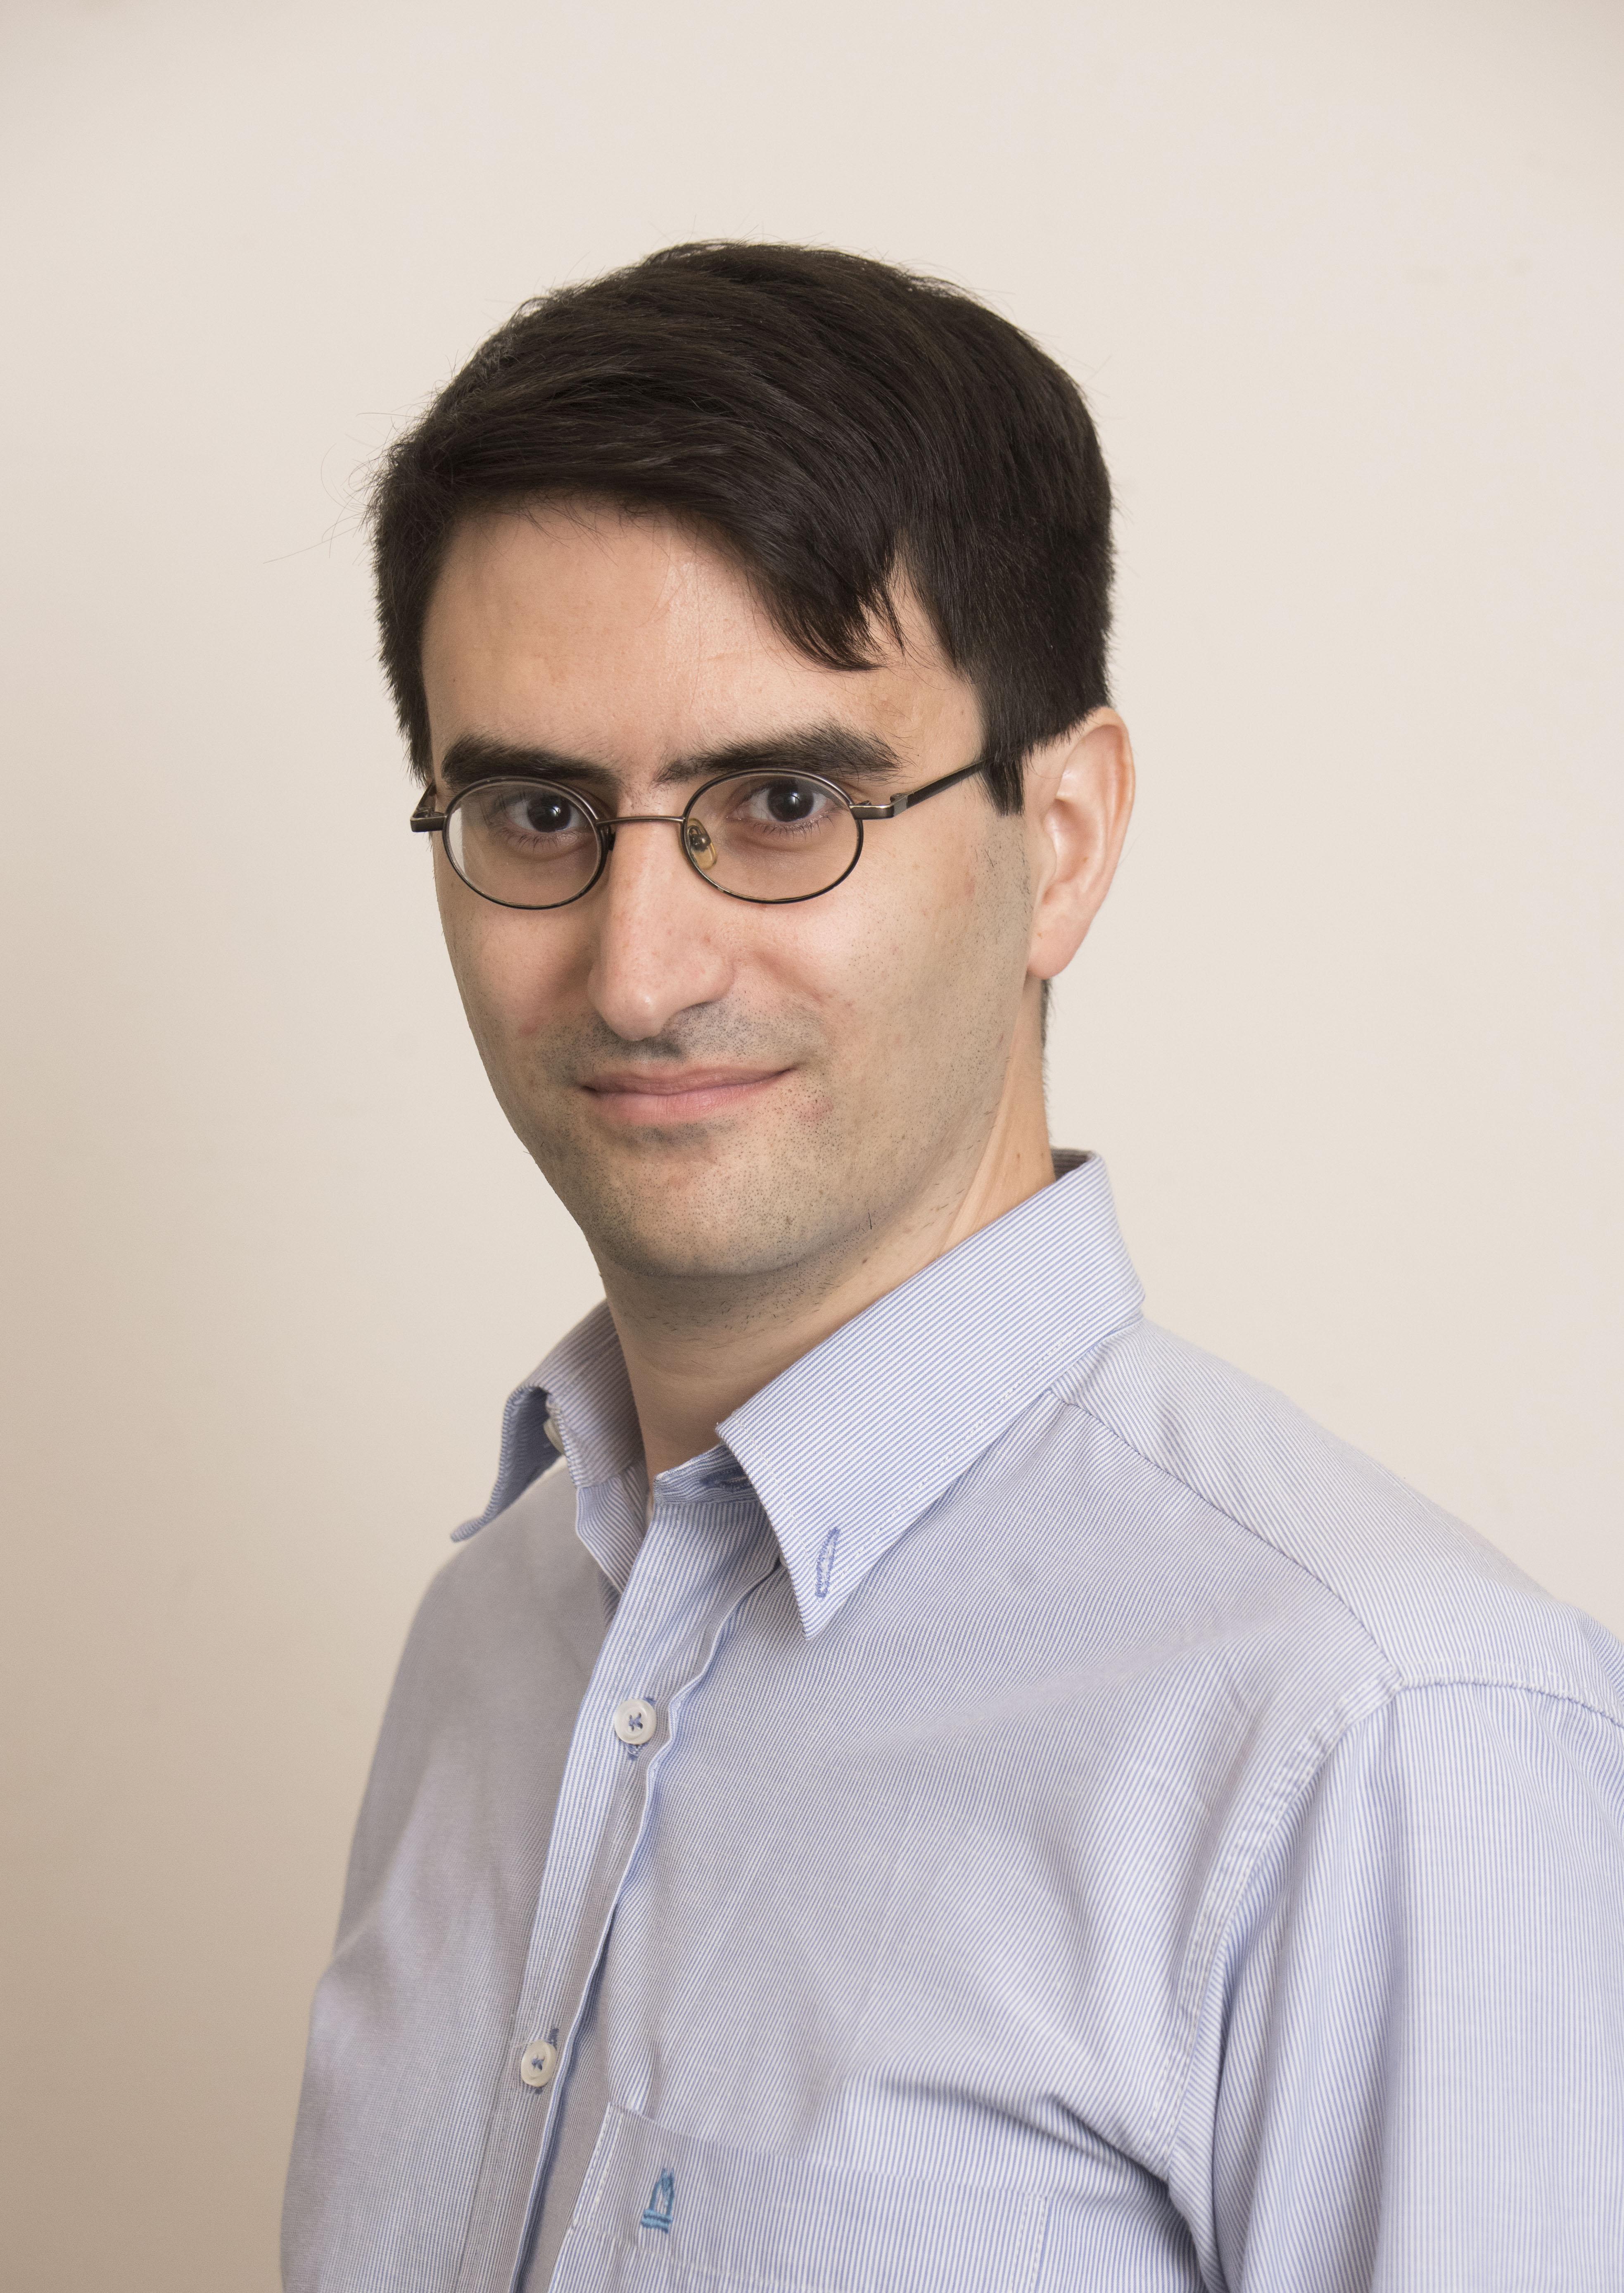 Headshot of Julian Ignacio Ferreiro